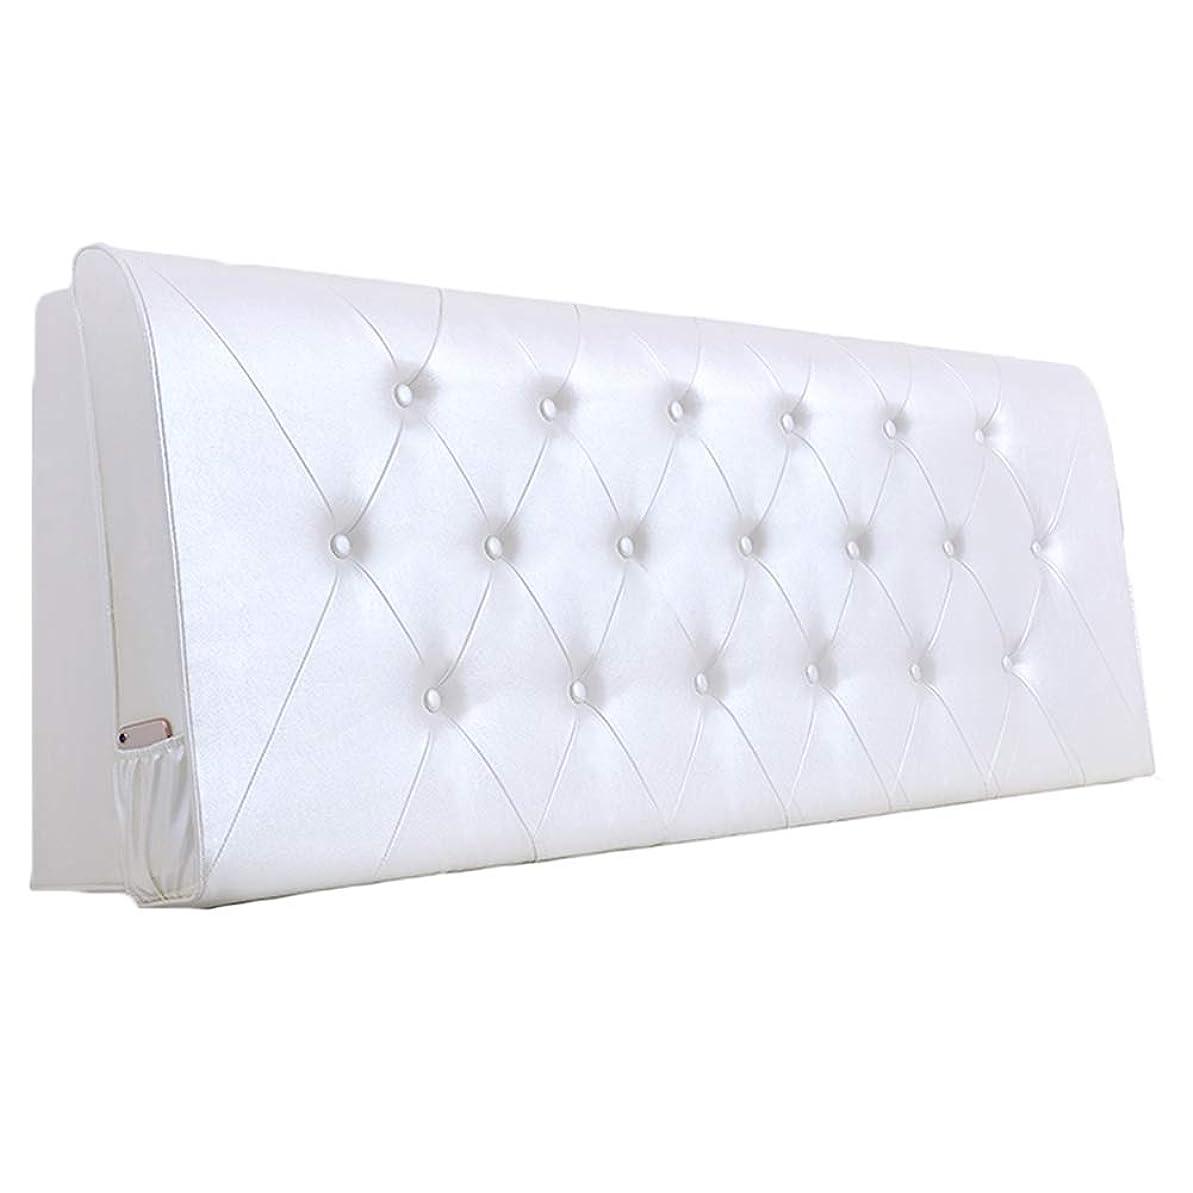 情報プレーヤー想定するPENGFEI クッションベッドの背もたれ抱き枕 ウエストケア スポンジ充填 お手入れが簡単 6色、 6サイズ (色 : 白, サイズ さいず : 160cm)